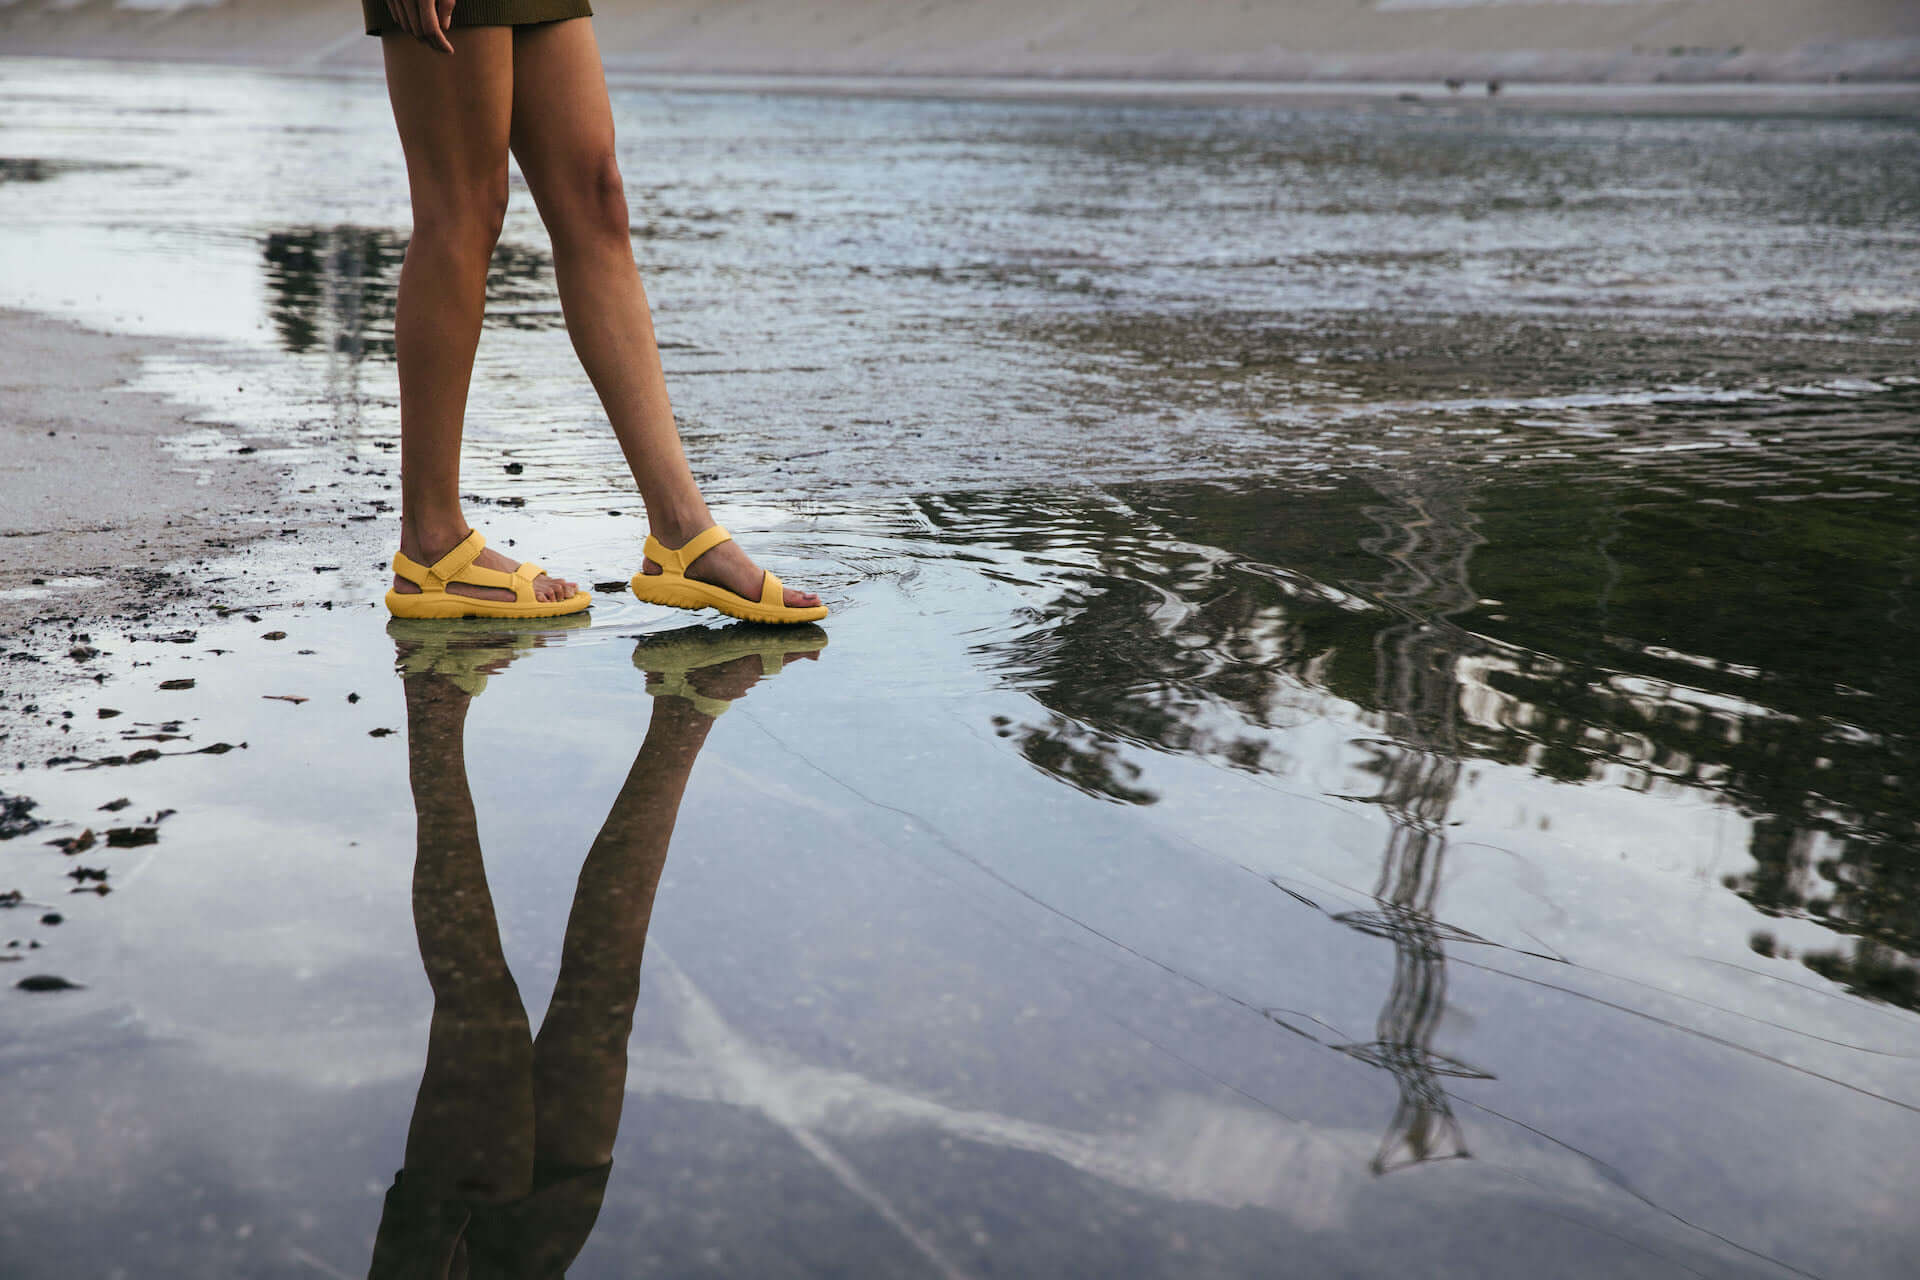 Tevaの濡れてもすぐ乾くスポーツサンダル「DRIFT COLLECTION」が登場!夏にぴったりなビビッドカラーの新色も lf200424_teva_3-1920x1280